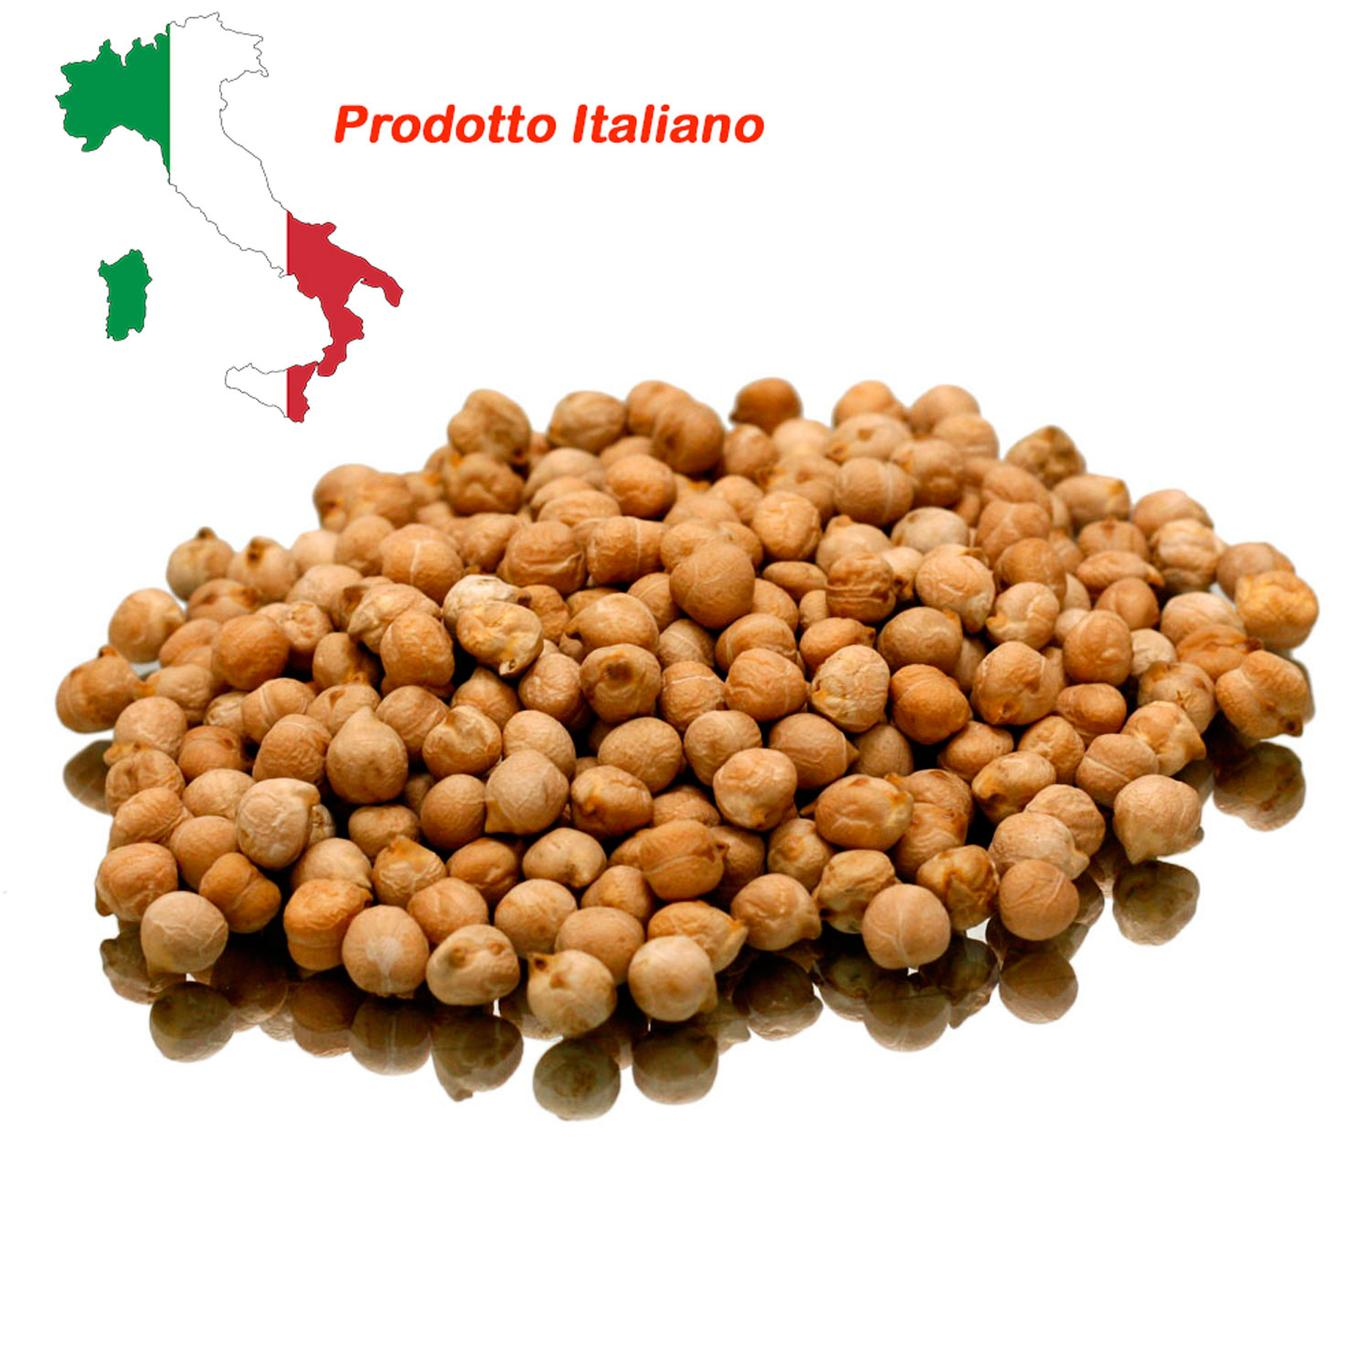 Ceci secchi calibro grosso provenienza ITALIANA da kg5